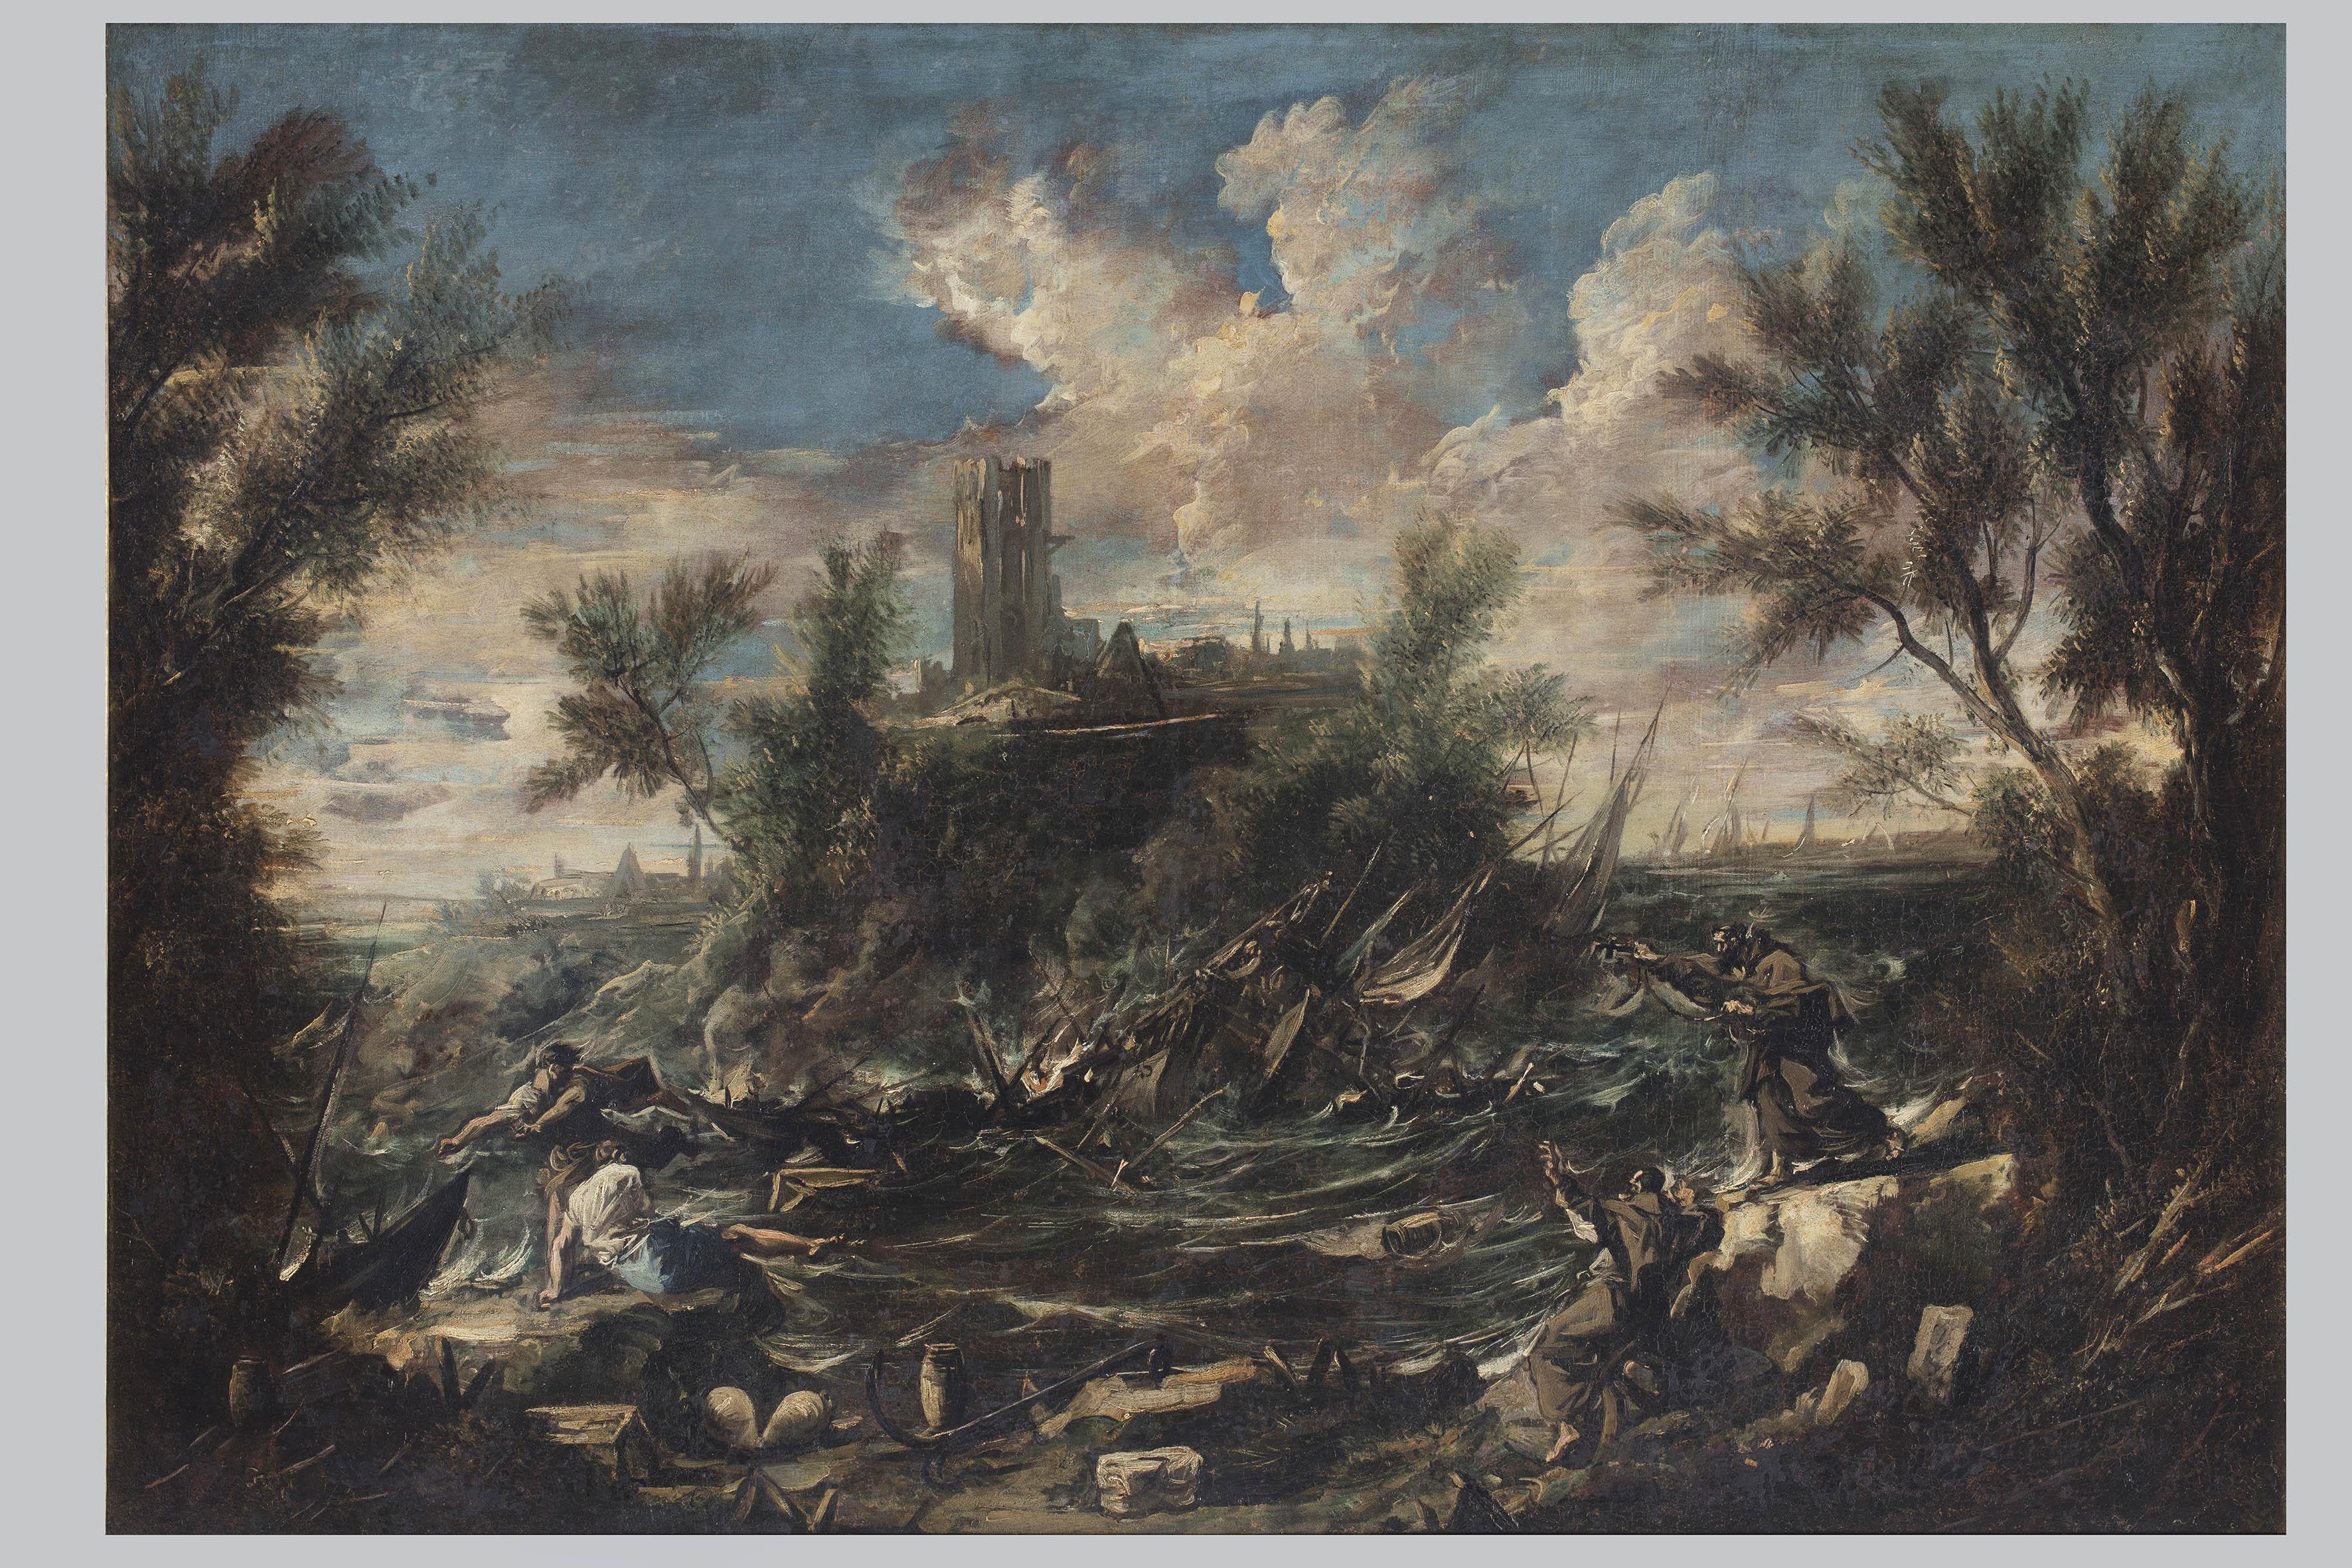 Alessandro Magnasco, Baia marina con frati e vascello naufragato, olio su tela, cm 91x130